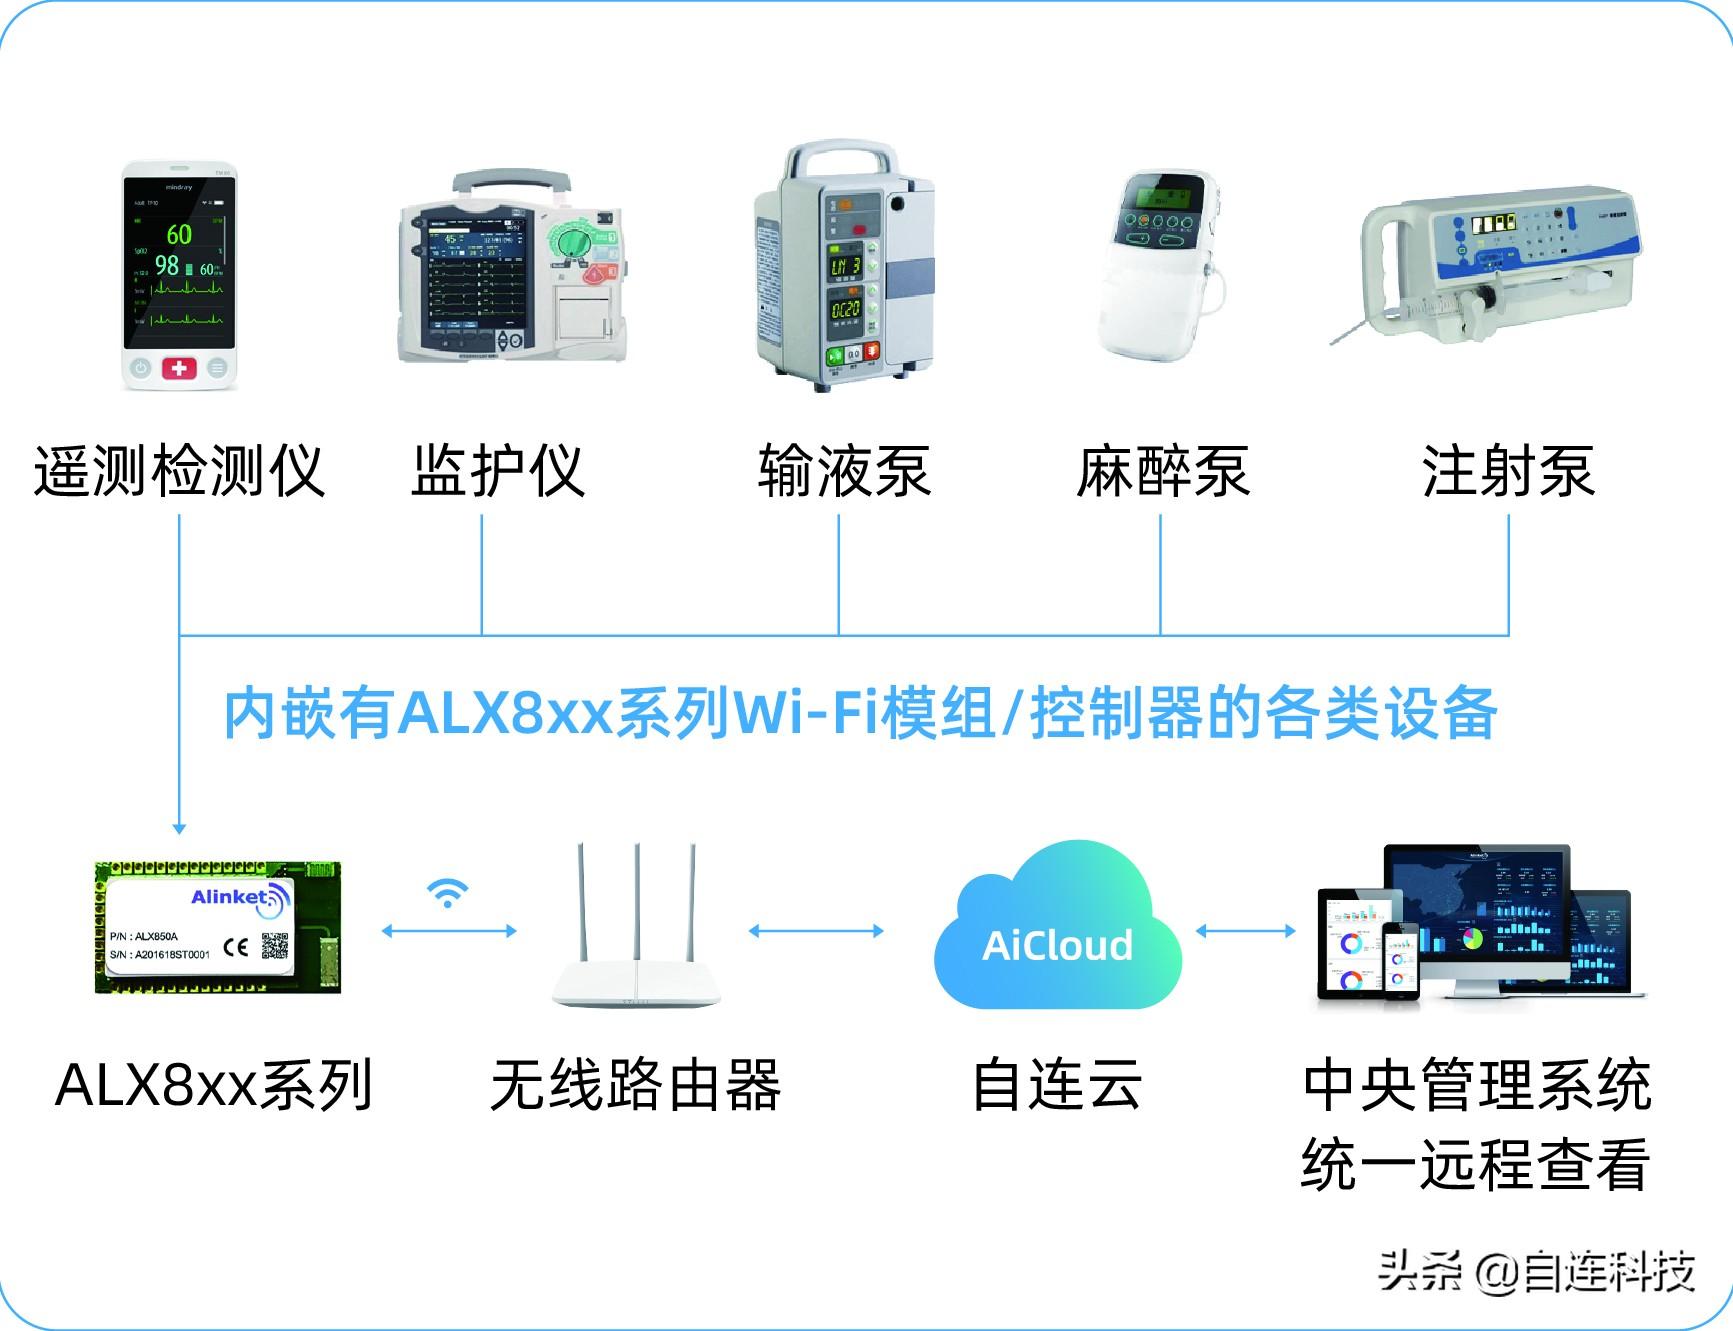 自连科技发布面向大健康和新基建的智能物联网解决方案及应用产品